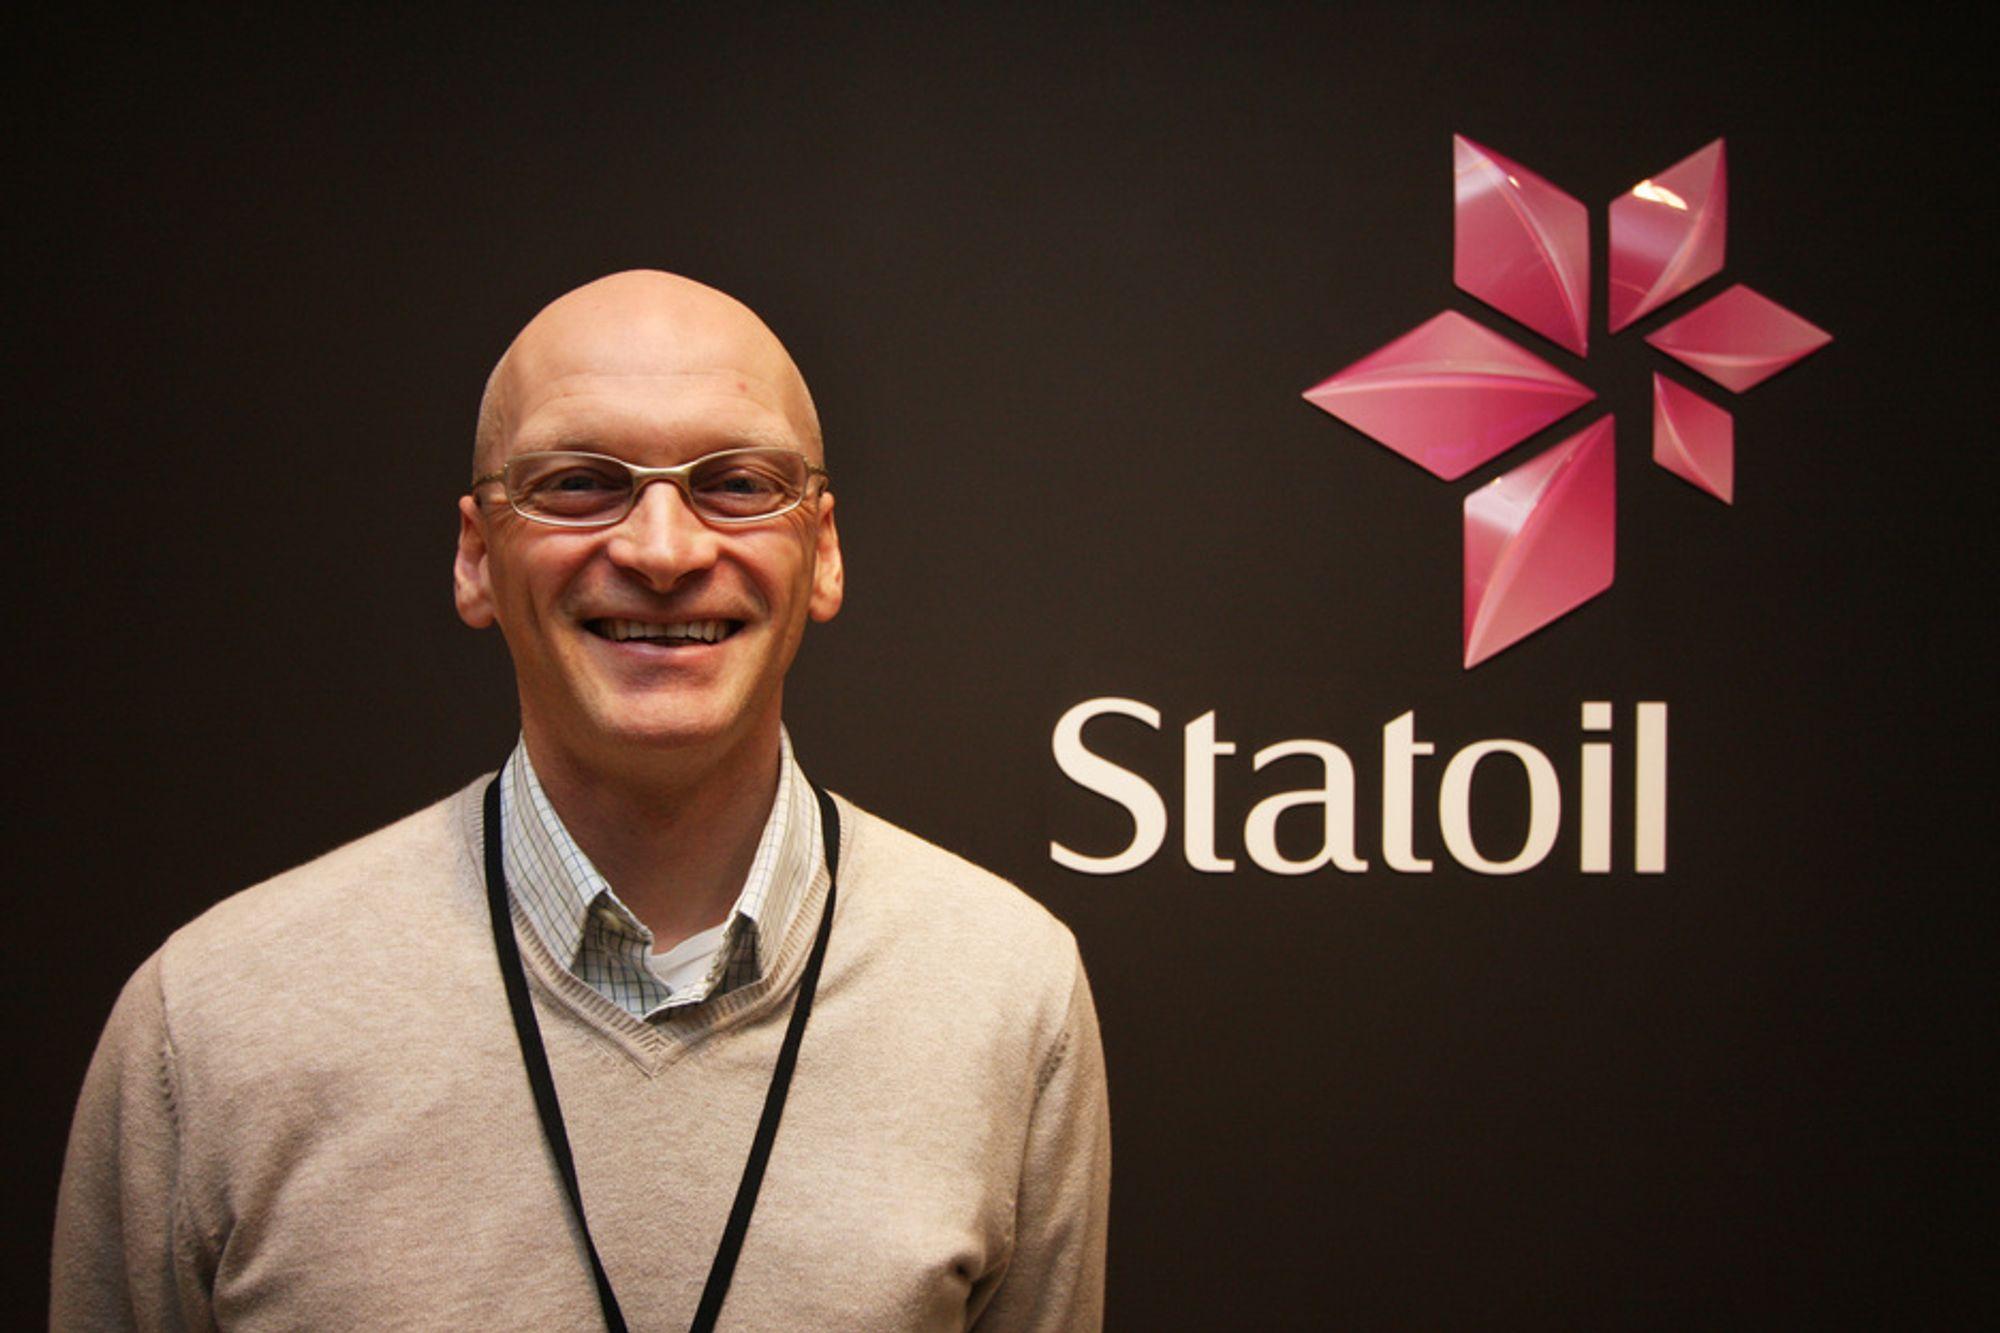 IKKE ROSA: Markedsdirektør Kjetil Undhjem mener Statoils nye magentafargede logo ikke er feminin på svart bakgrunn.